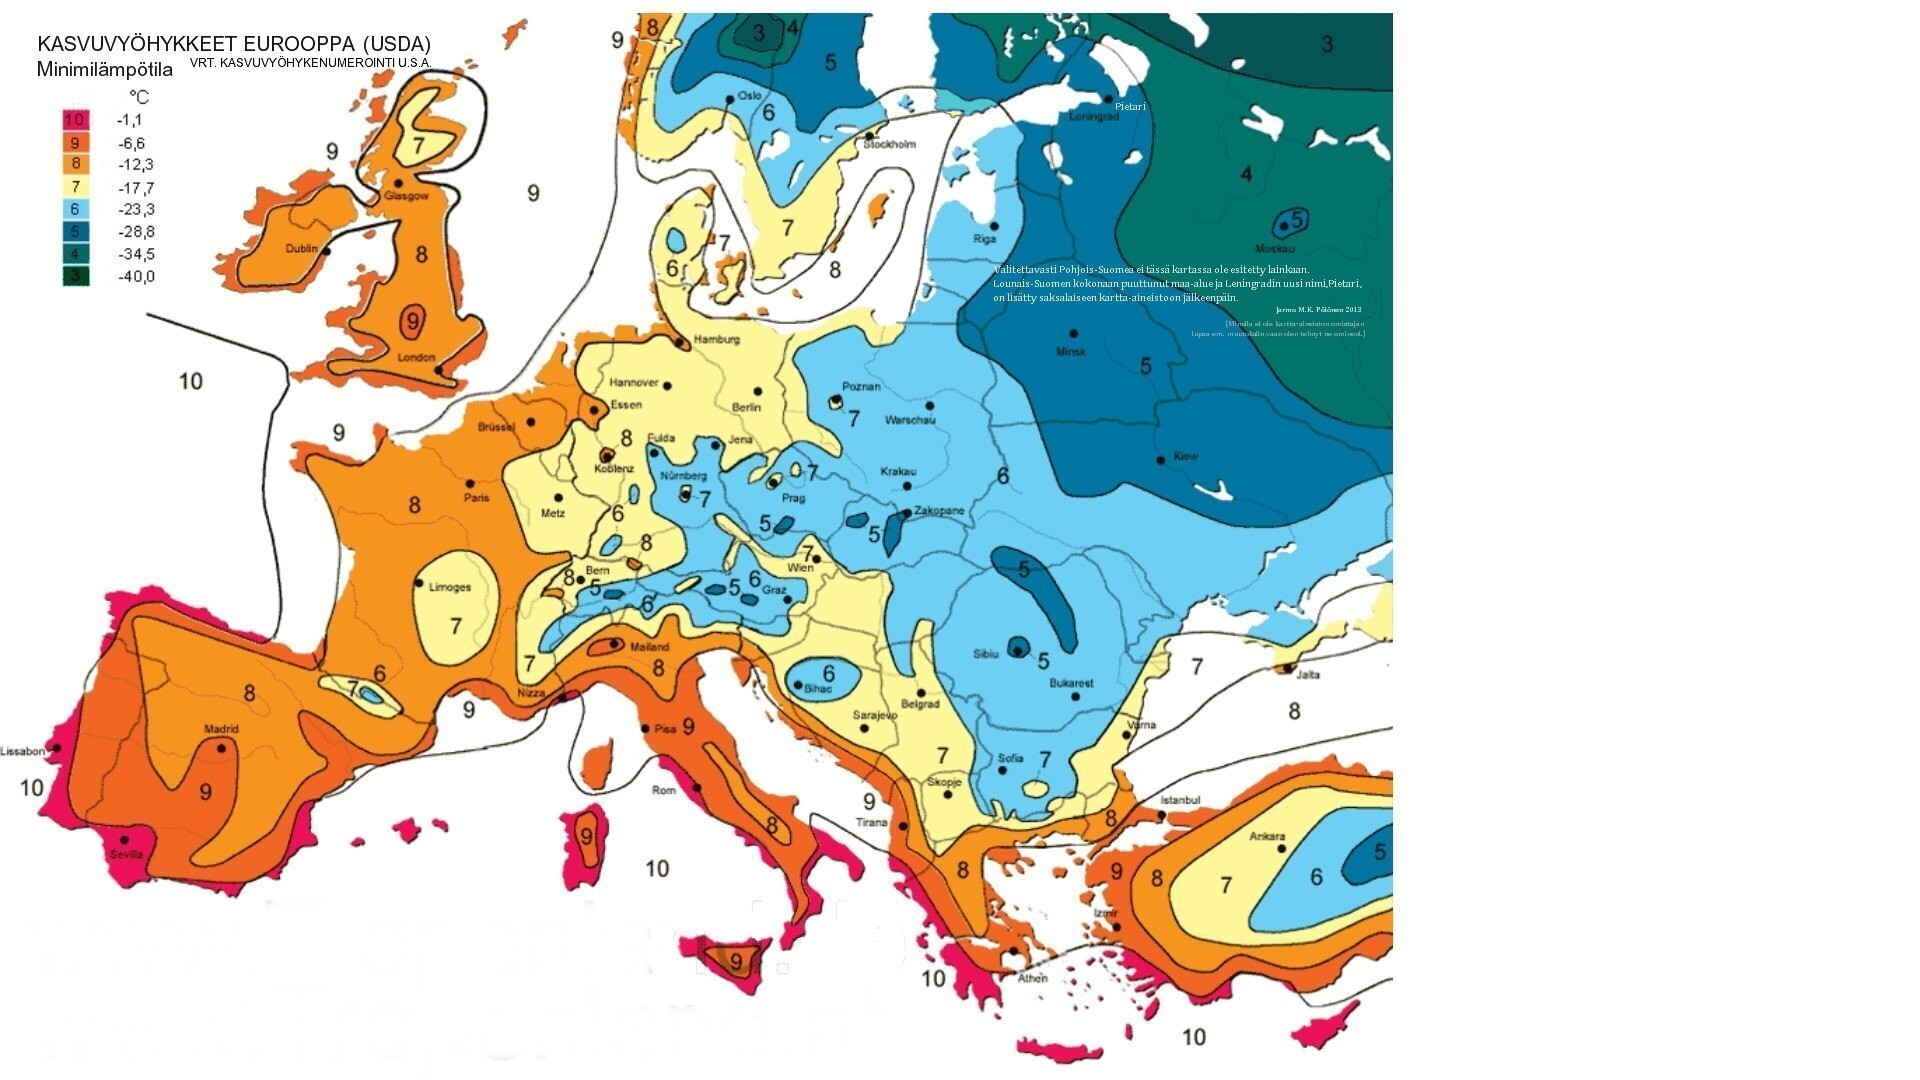 Euroopan kasvuvyöhykkeet